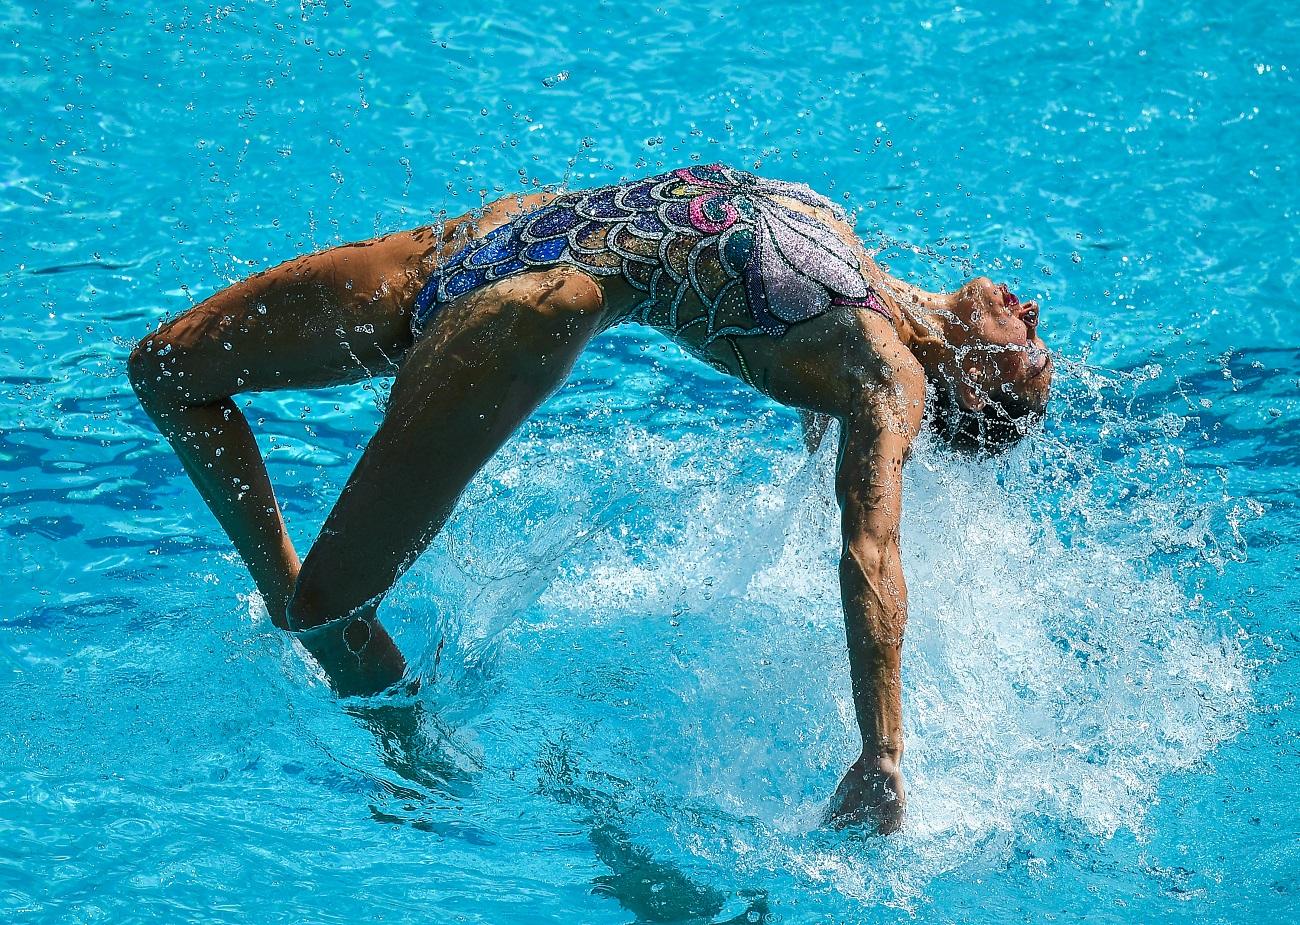 Bei den Olympischen Spielen 2012 in London hatte sich Natalija Romaschina vor dem Start erkältet und musste mit 38 Grad Fieber antreten.